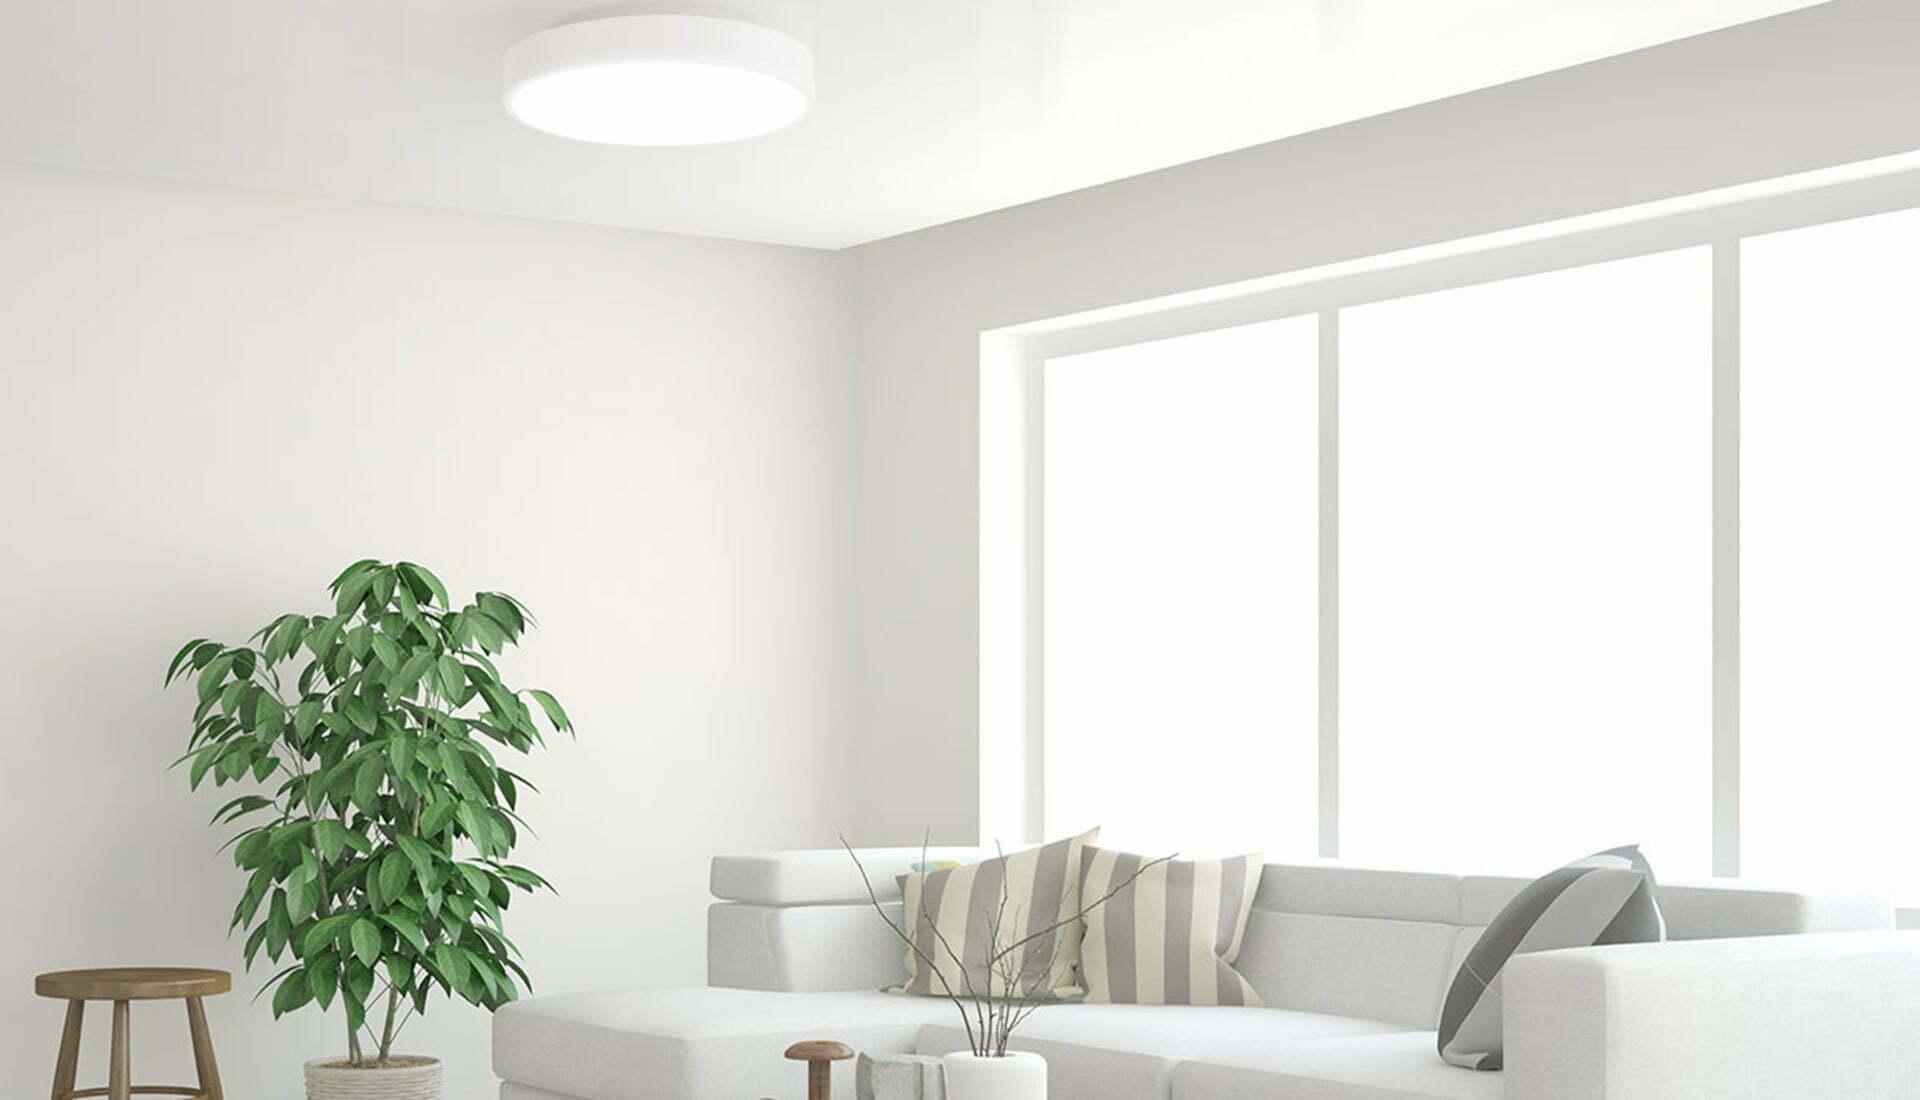 Yeelight LED Ceiling Light v pokoji